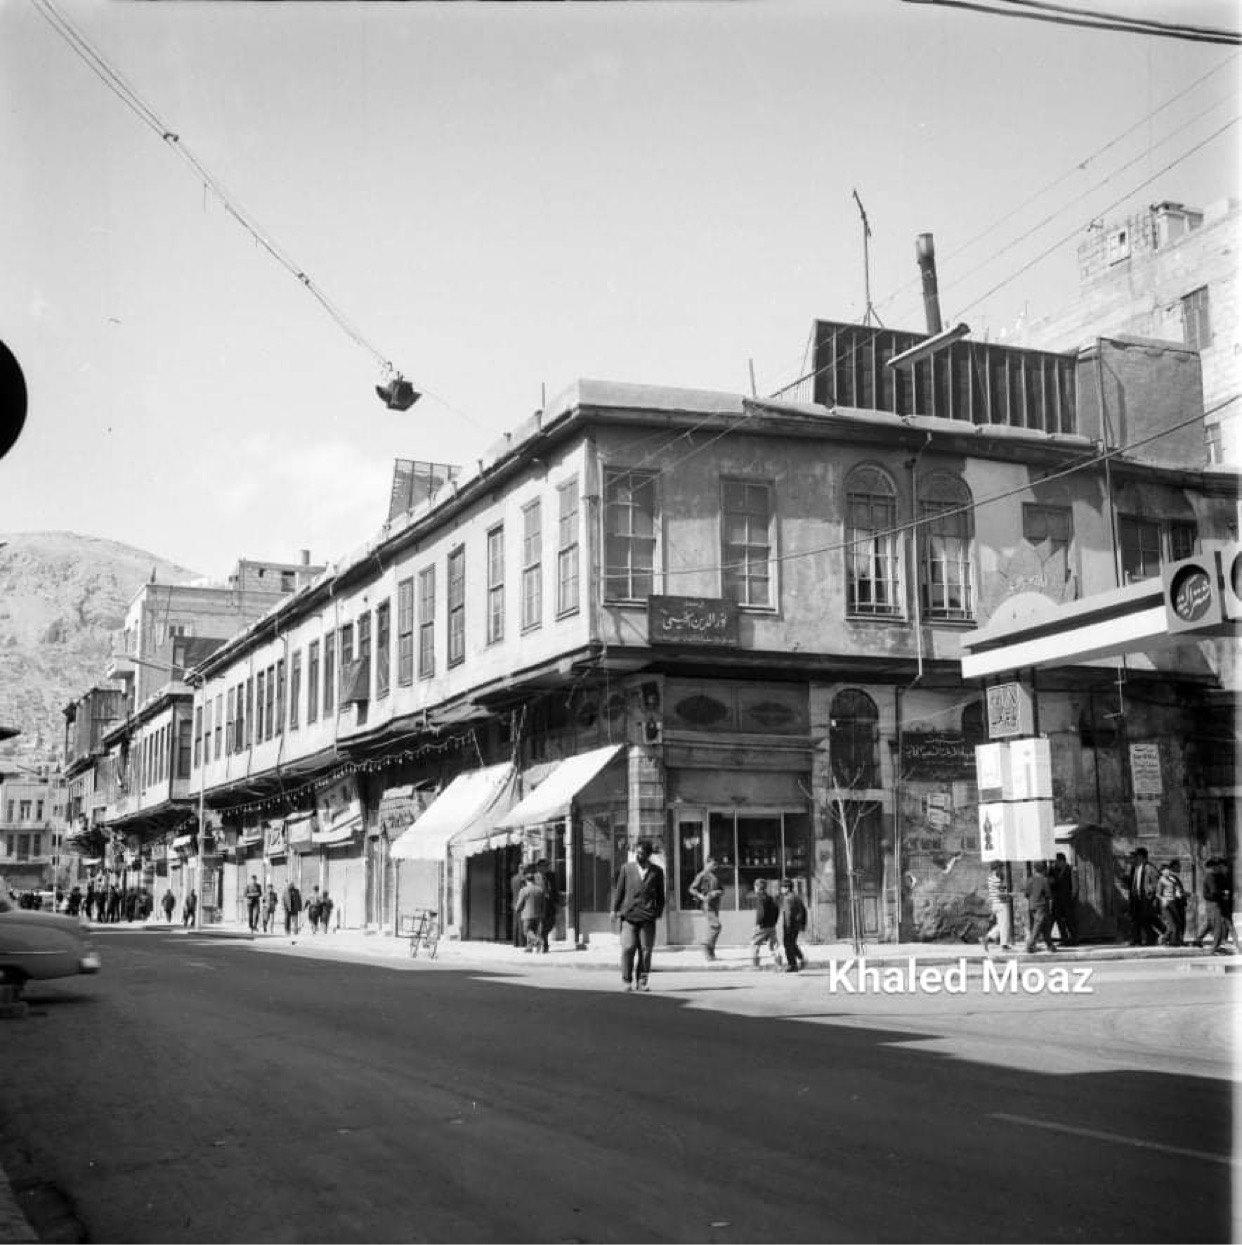 دمشق 1965 - طريق الصالحية وتفرعاته (2)